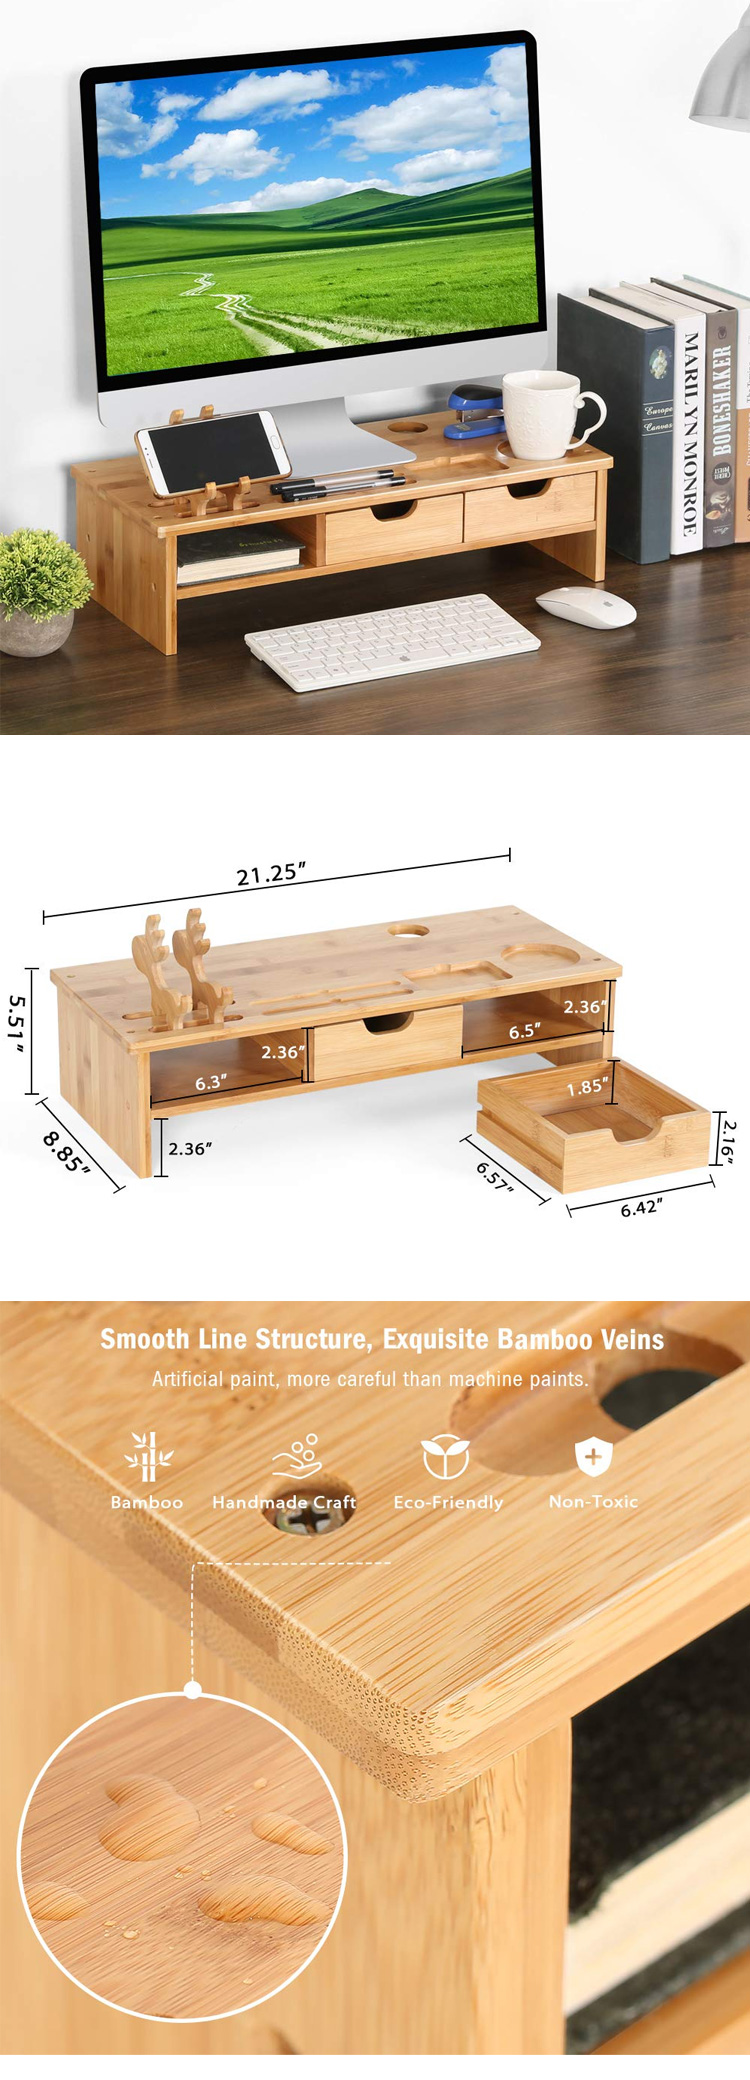 Monitor Stand Wooden Organizer MSL-068 Details